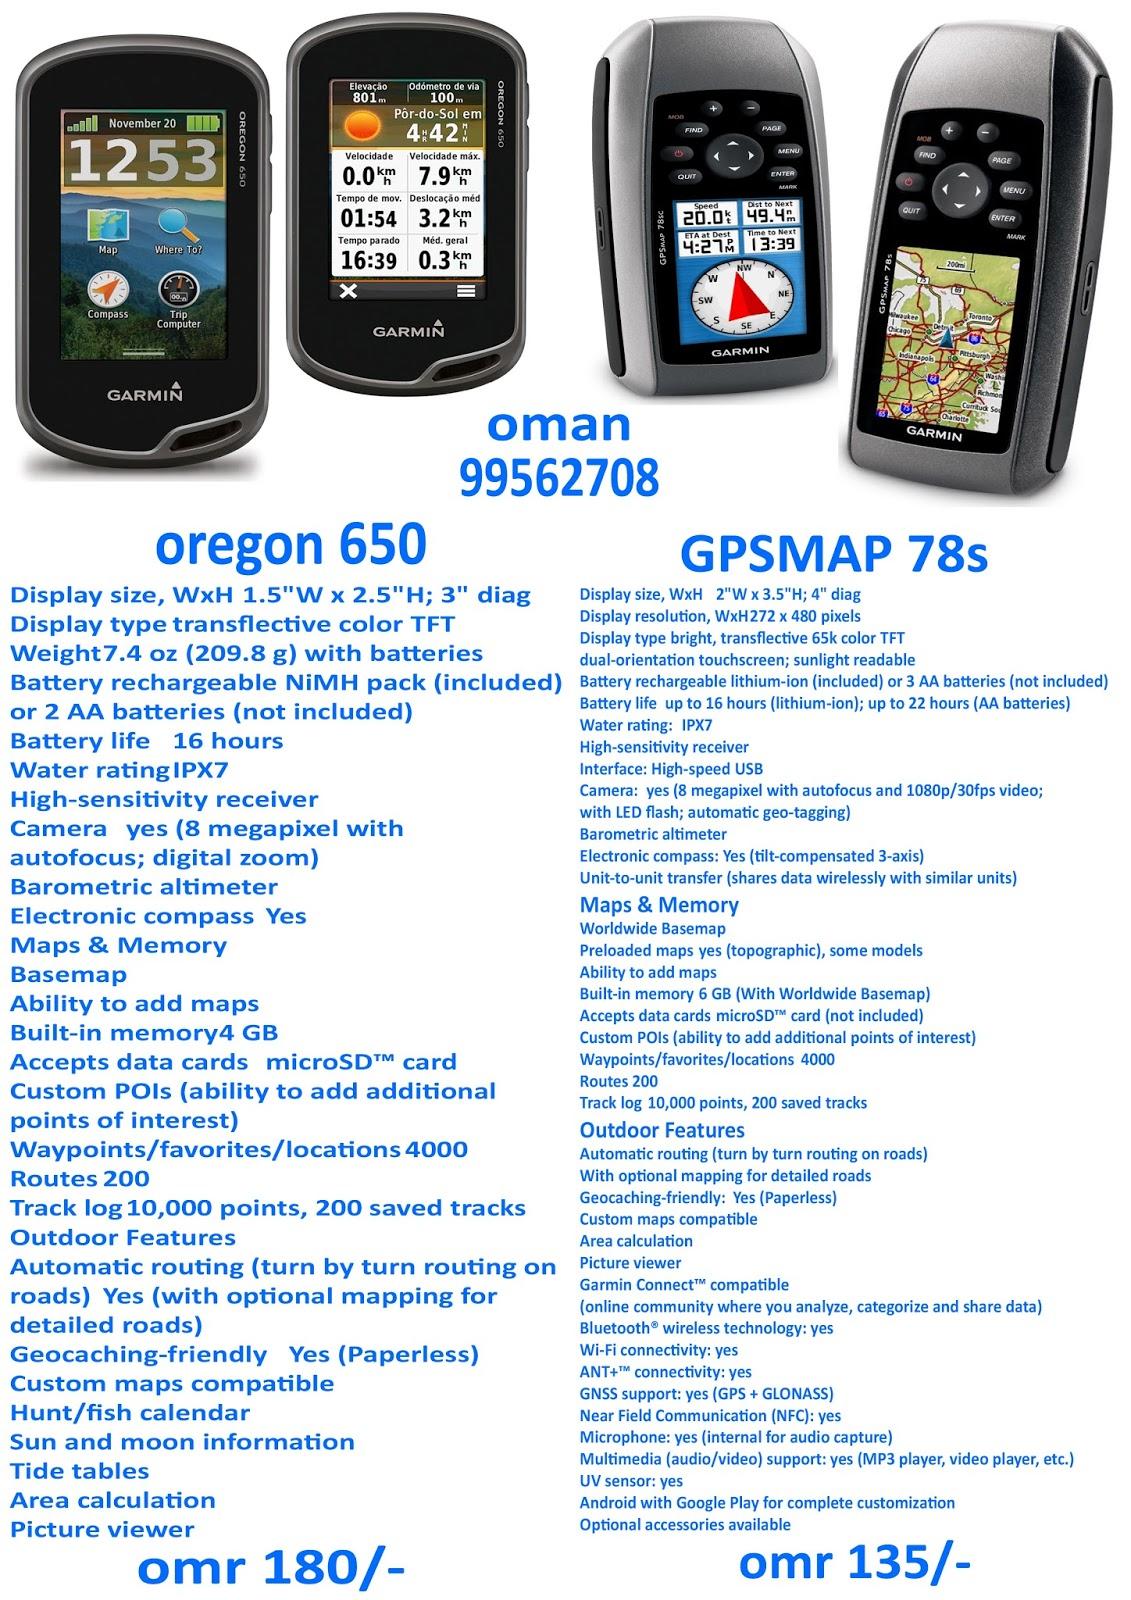 garmin handheld devices 968 24712551